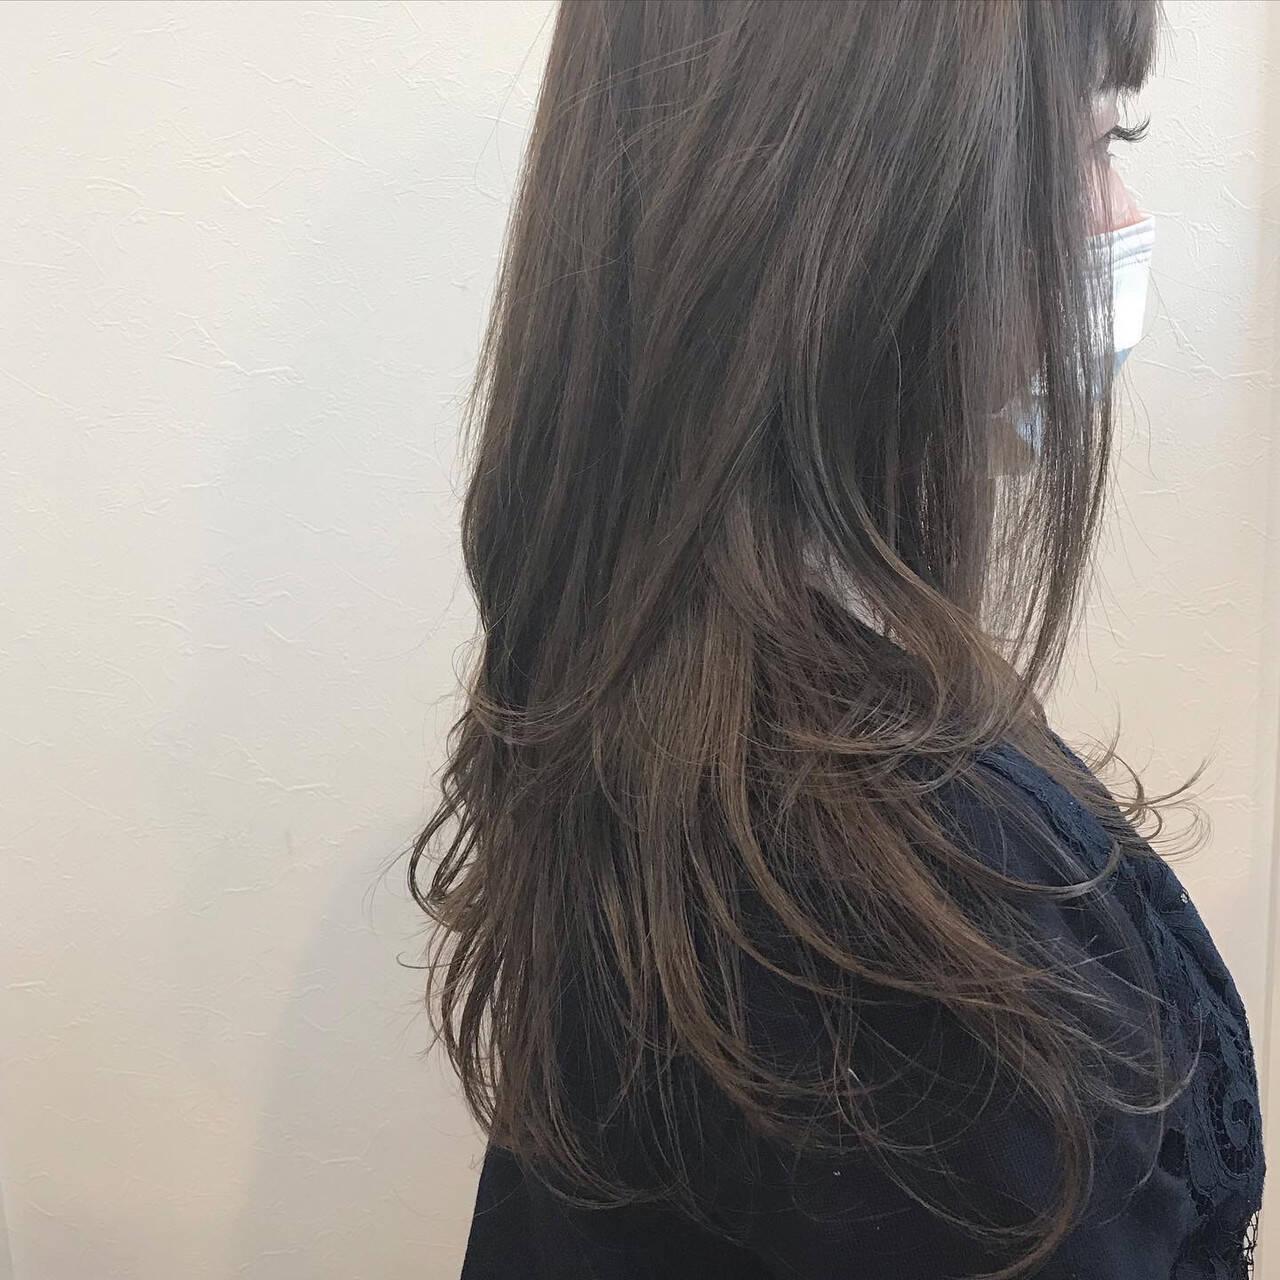 ゆる巻き 大人ヘアスタイル 巻き髪 ロングヘアスタイルや髪型の写真・画像